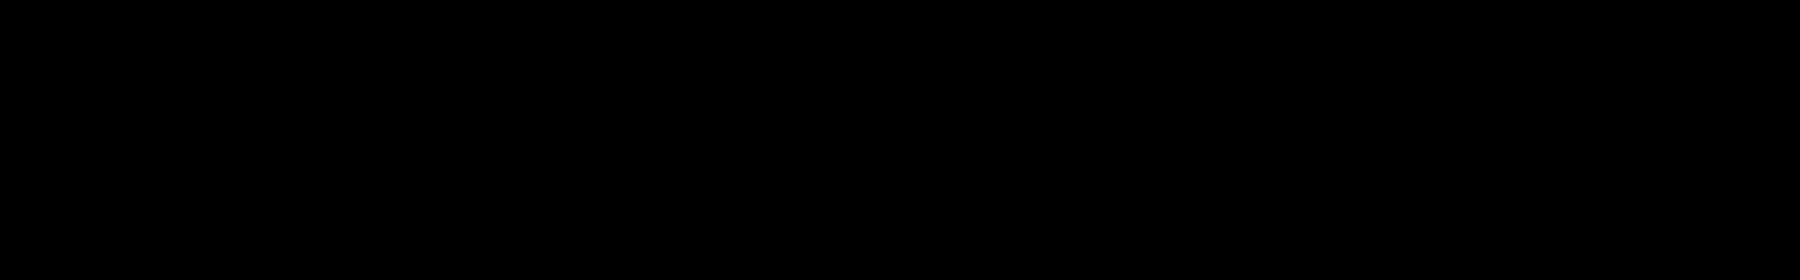 Djembe Loops audio waveform